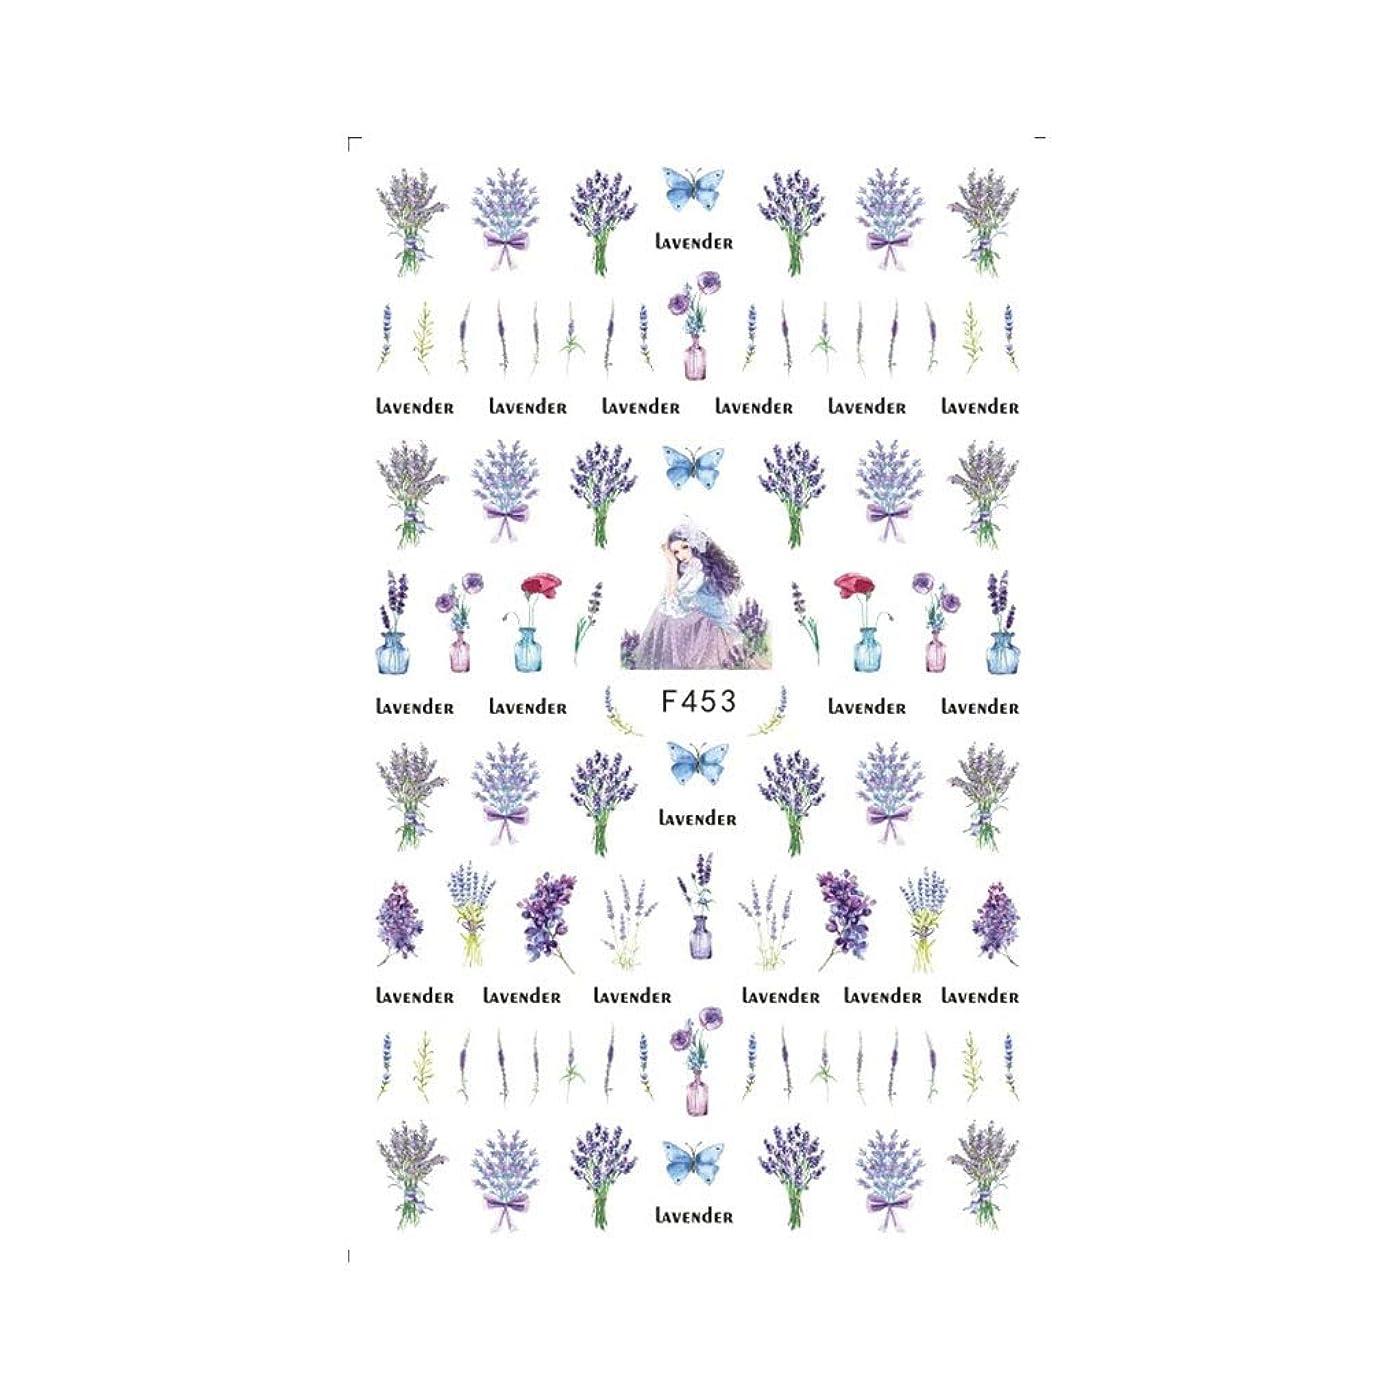 天の適性着服Topfires ネイルシール 3Dデザイン エレガントファッション 花柄ネイルアートシール ウォーターマーク マニキュアデカール